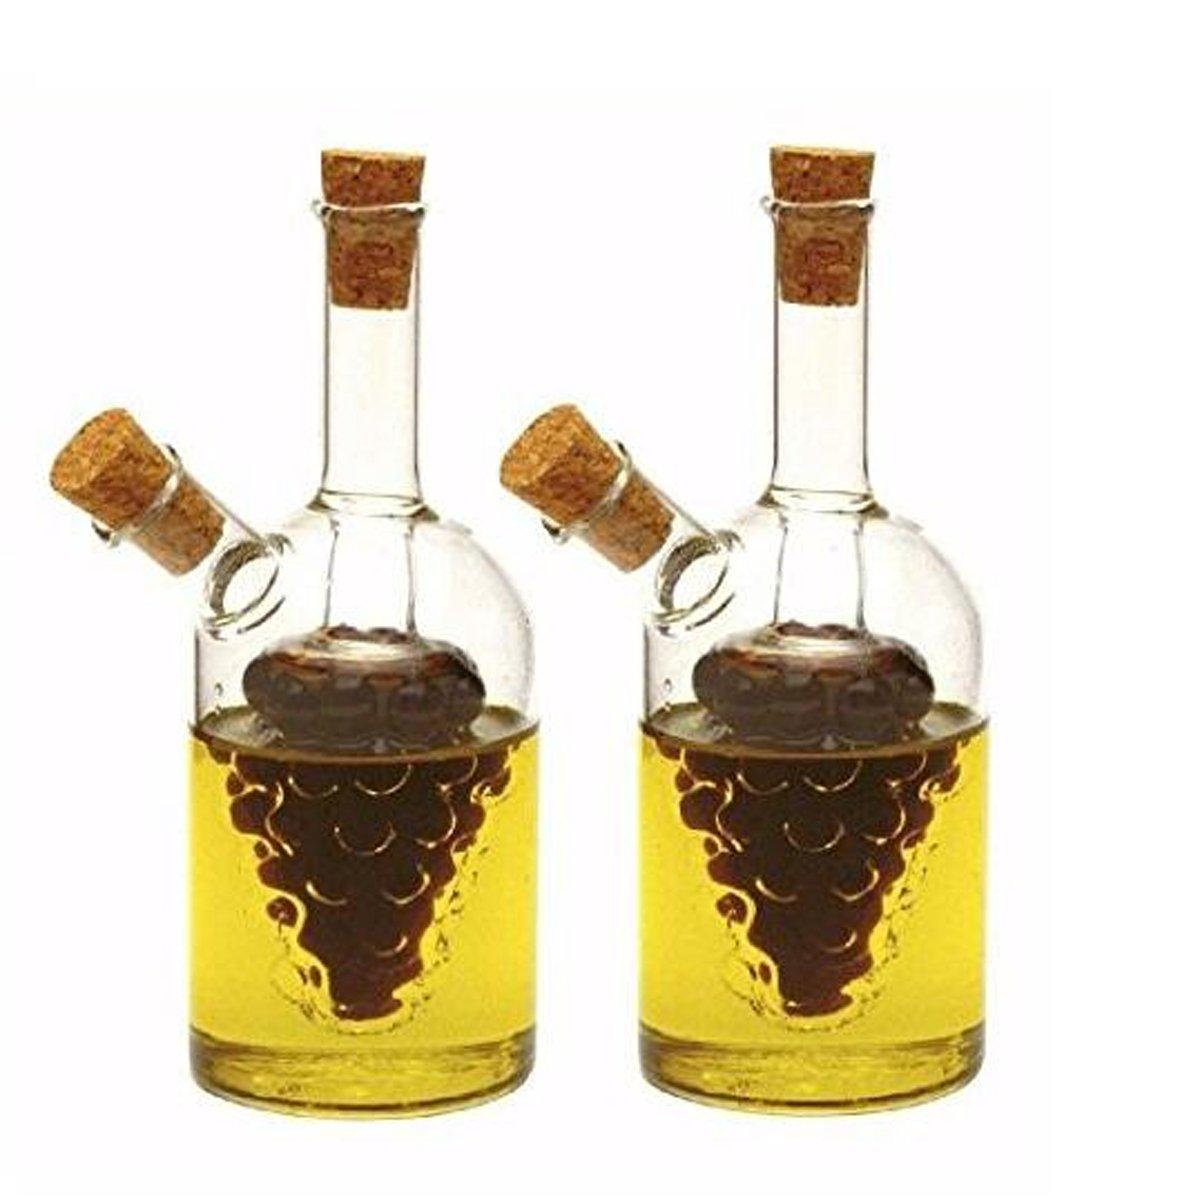 Eleton 2 in1 Hand blown Grape Shape Oil and Vinegar Bottle, Glass Olive Oil Dispenser Bottles Storage - 2 Piece Cruet